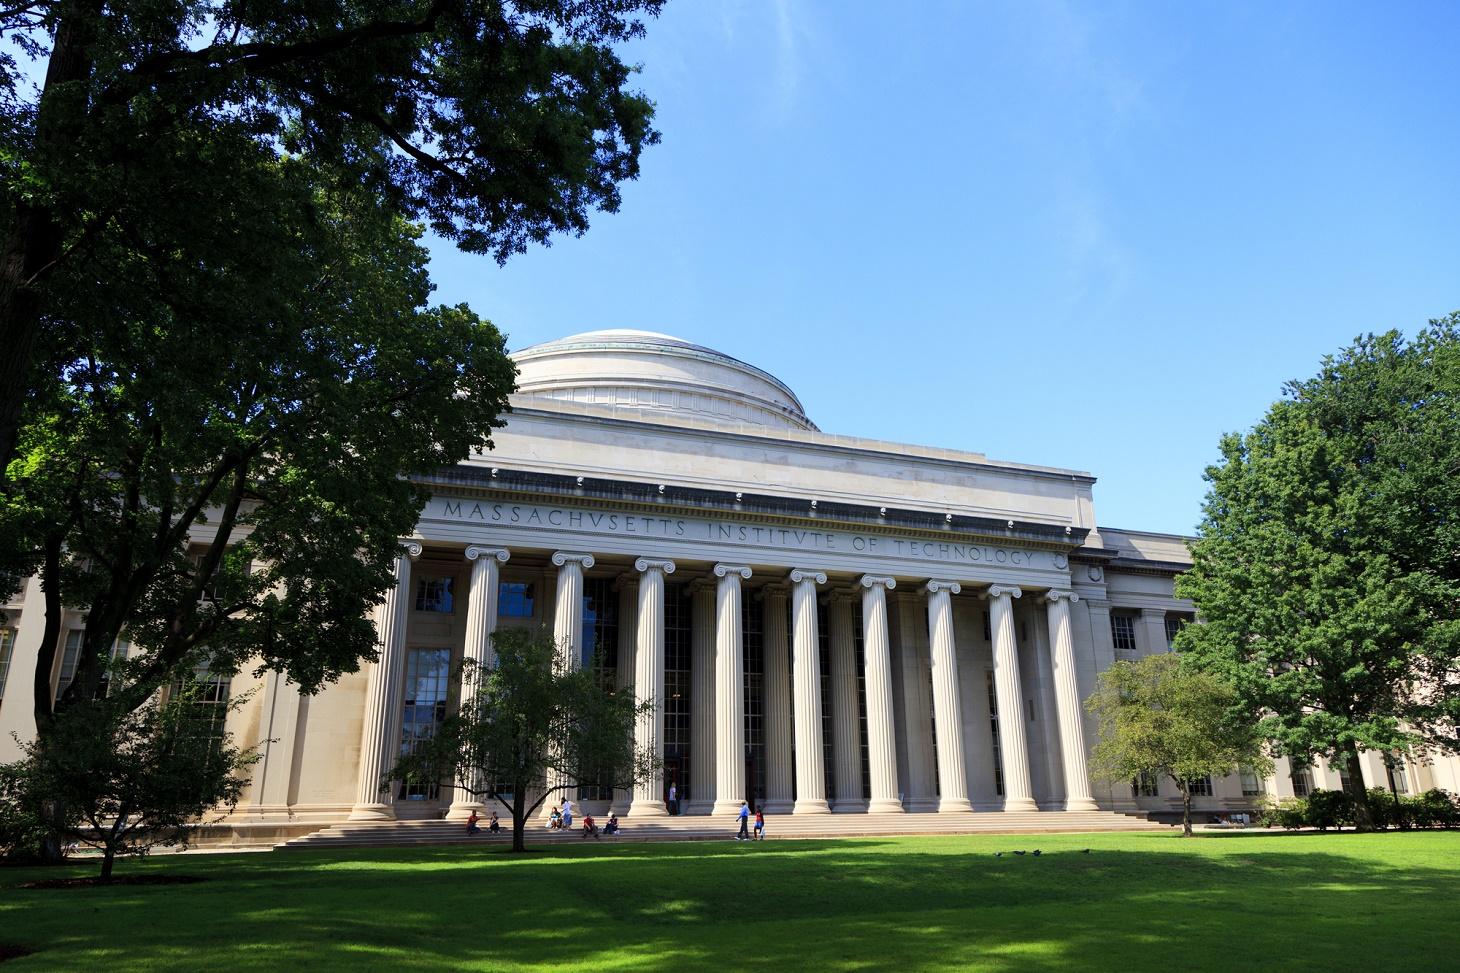 マサチューセッツ工科大学(MIT)に入学するには?